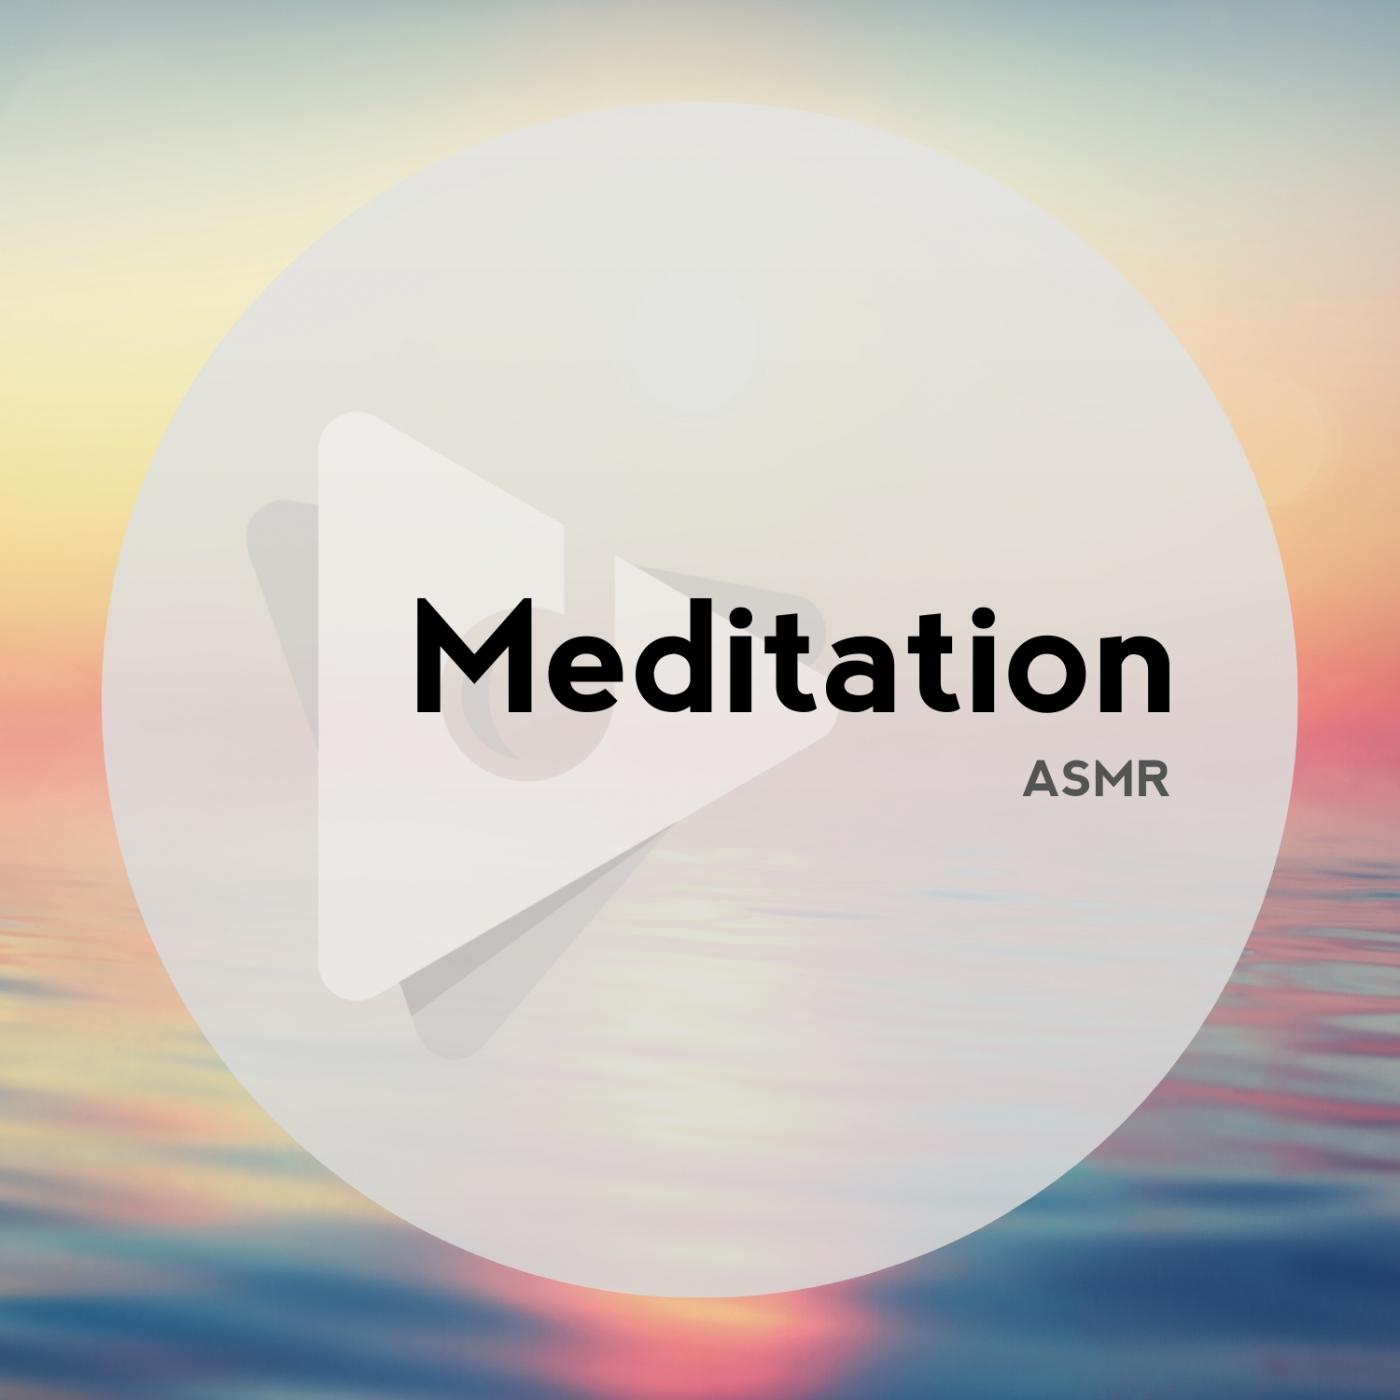 Meditation ASMR